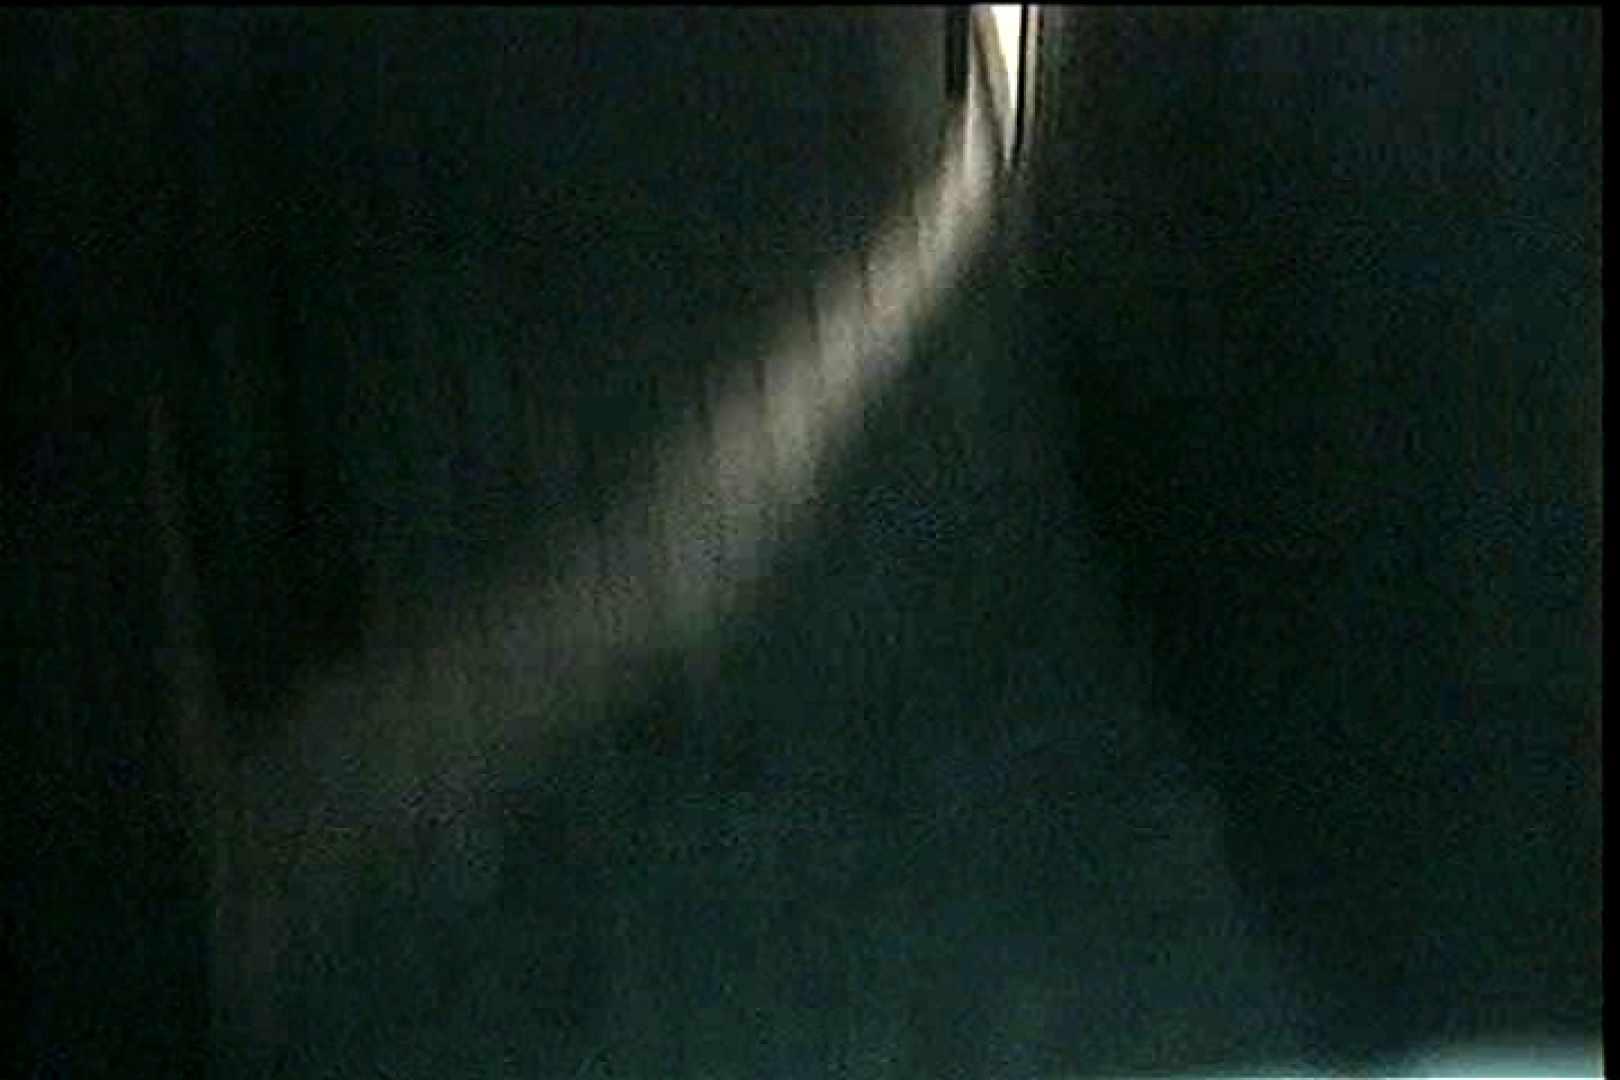 闇の仕掛け人 無修正版 Vol.18 盗撮特集 のぞき動画キャプチャ 60画像 59